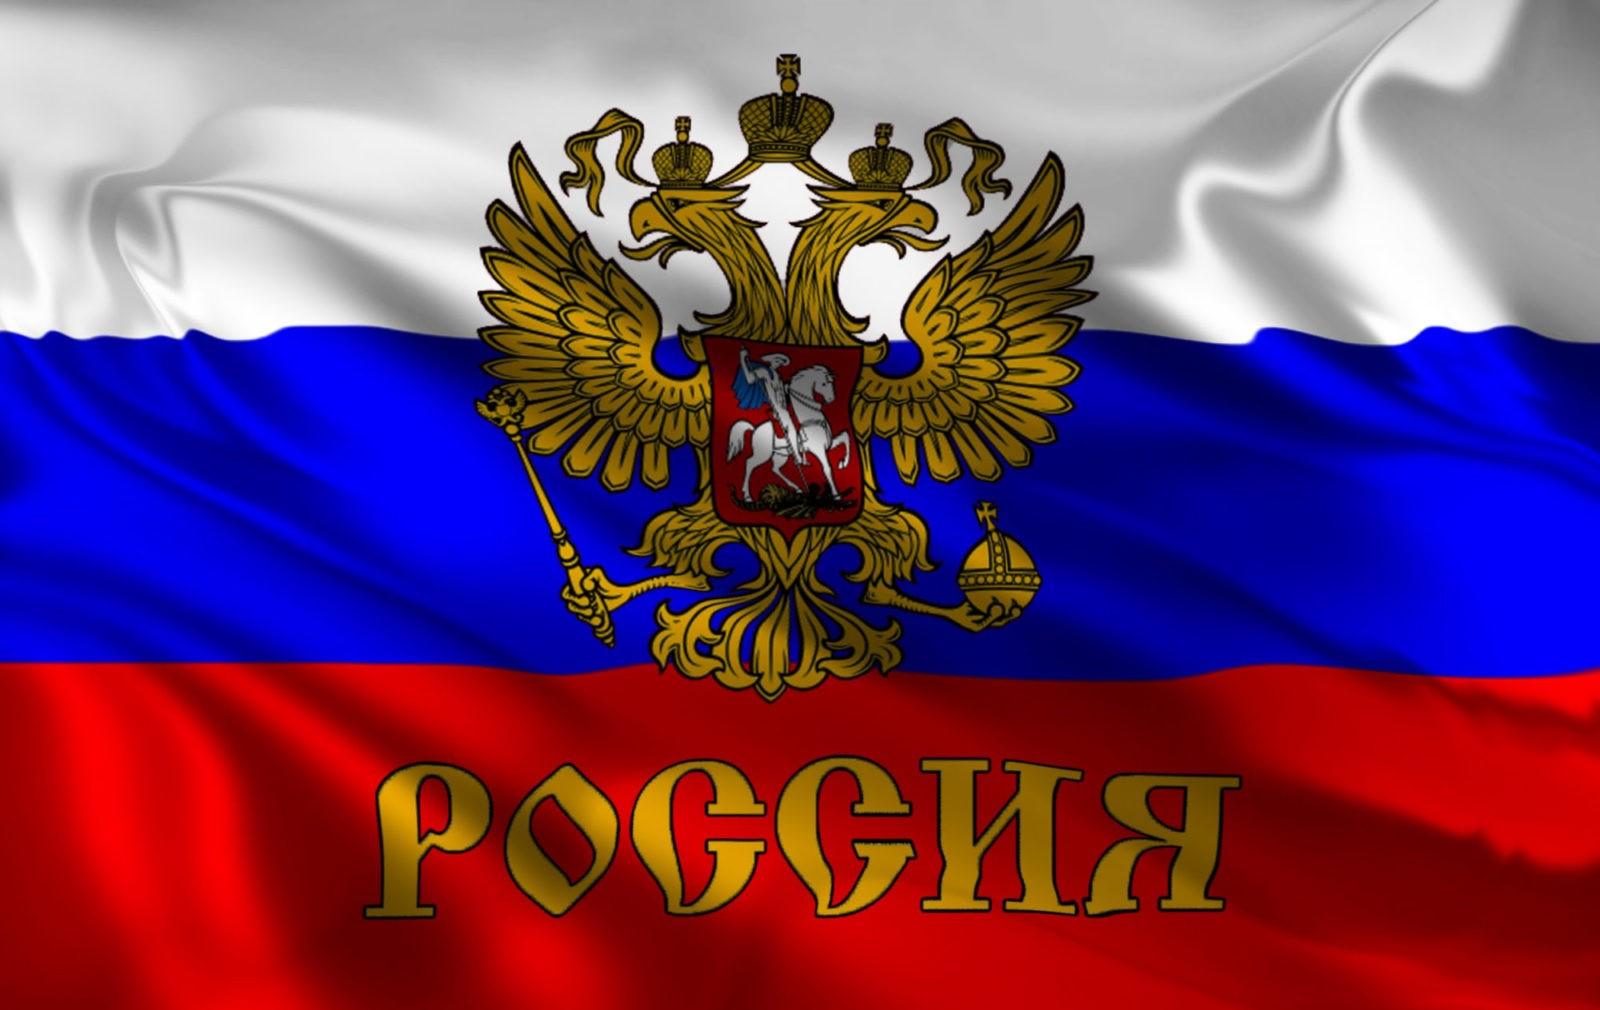 Крупнейшие городе России по населению 2019 список РФ ТОП100